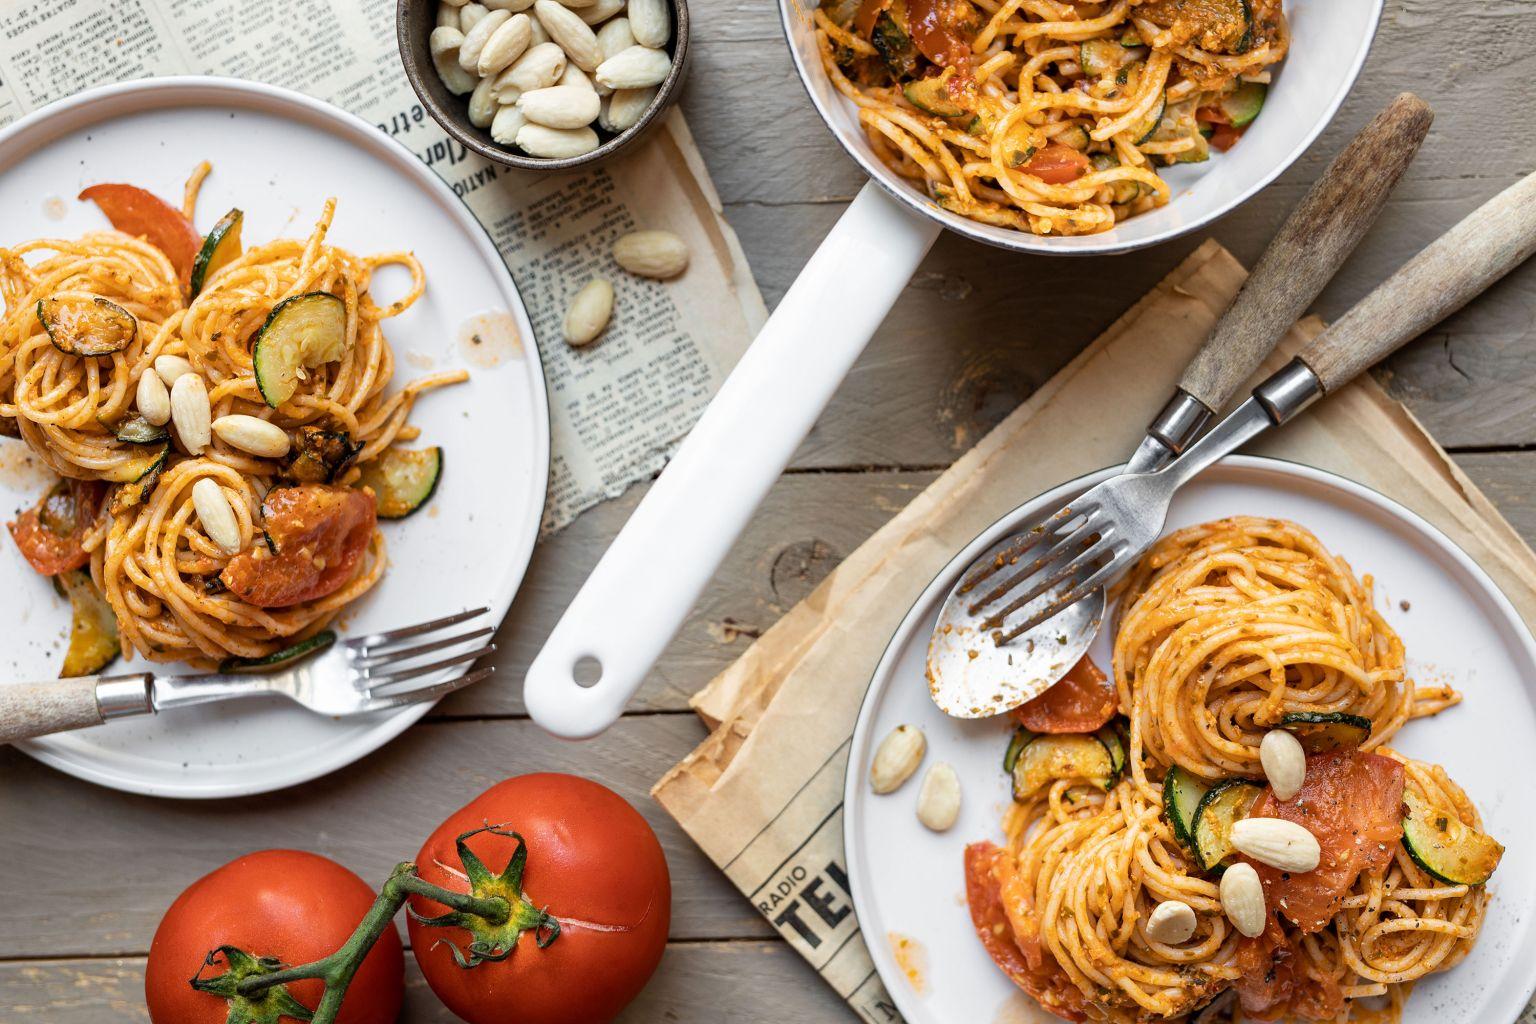 Spaghetti au pesto pomodoro et amandes